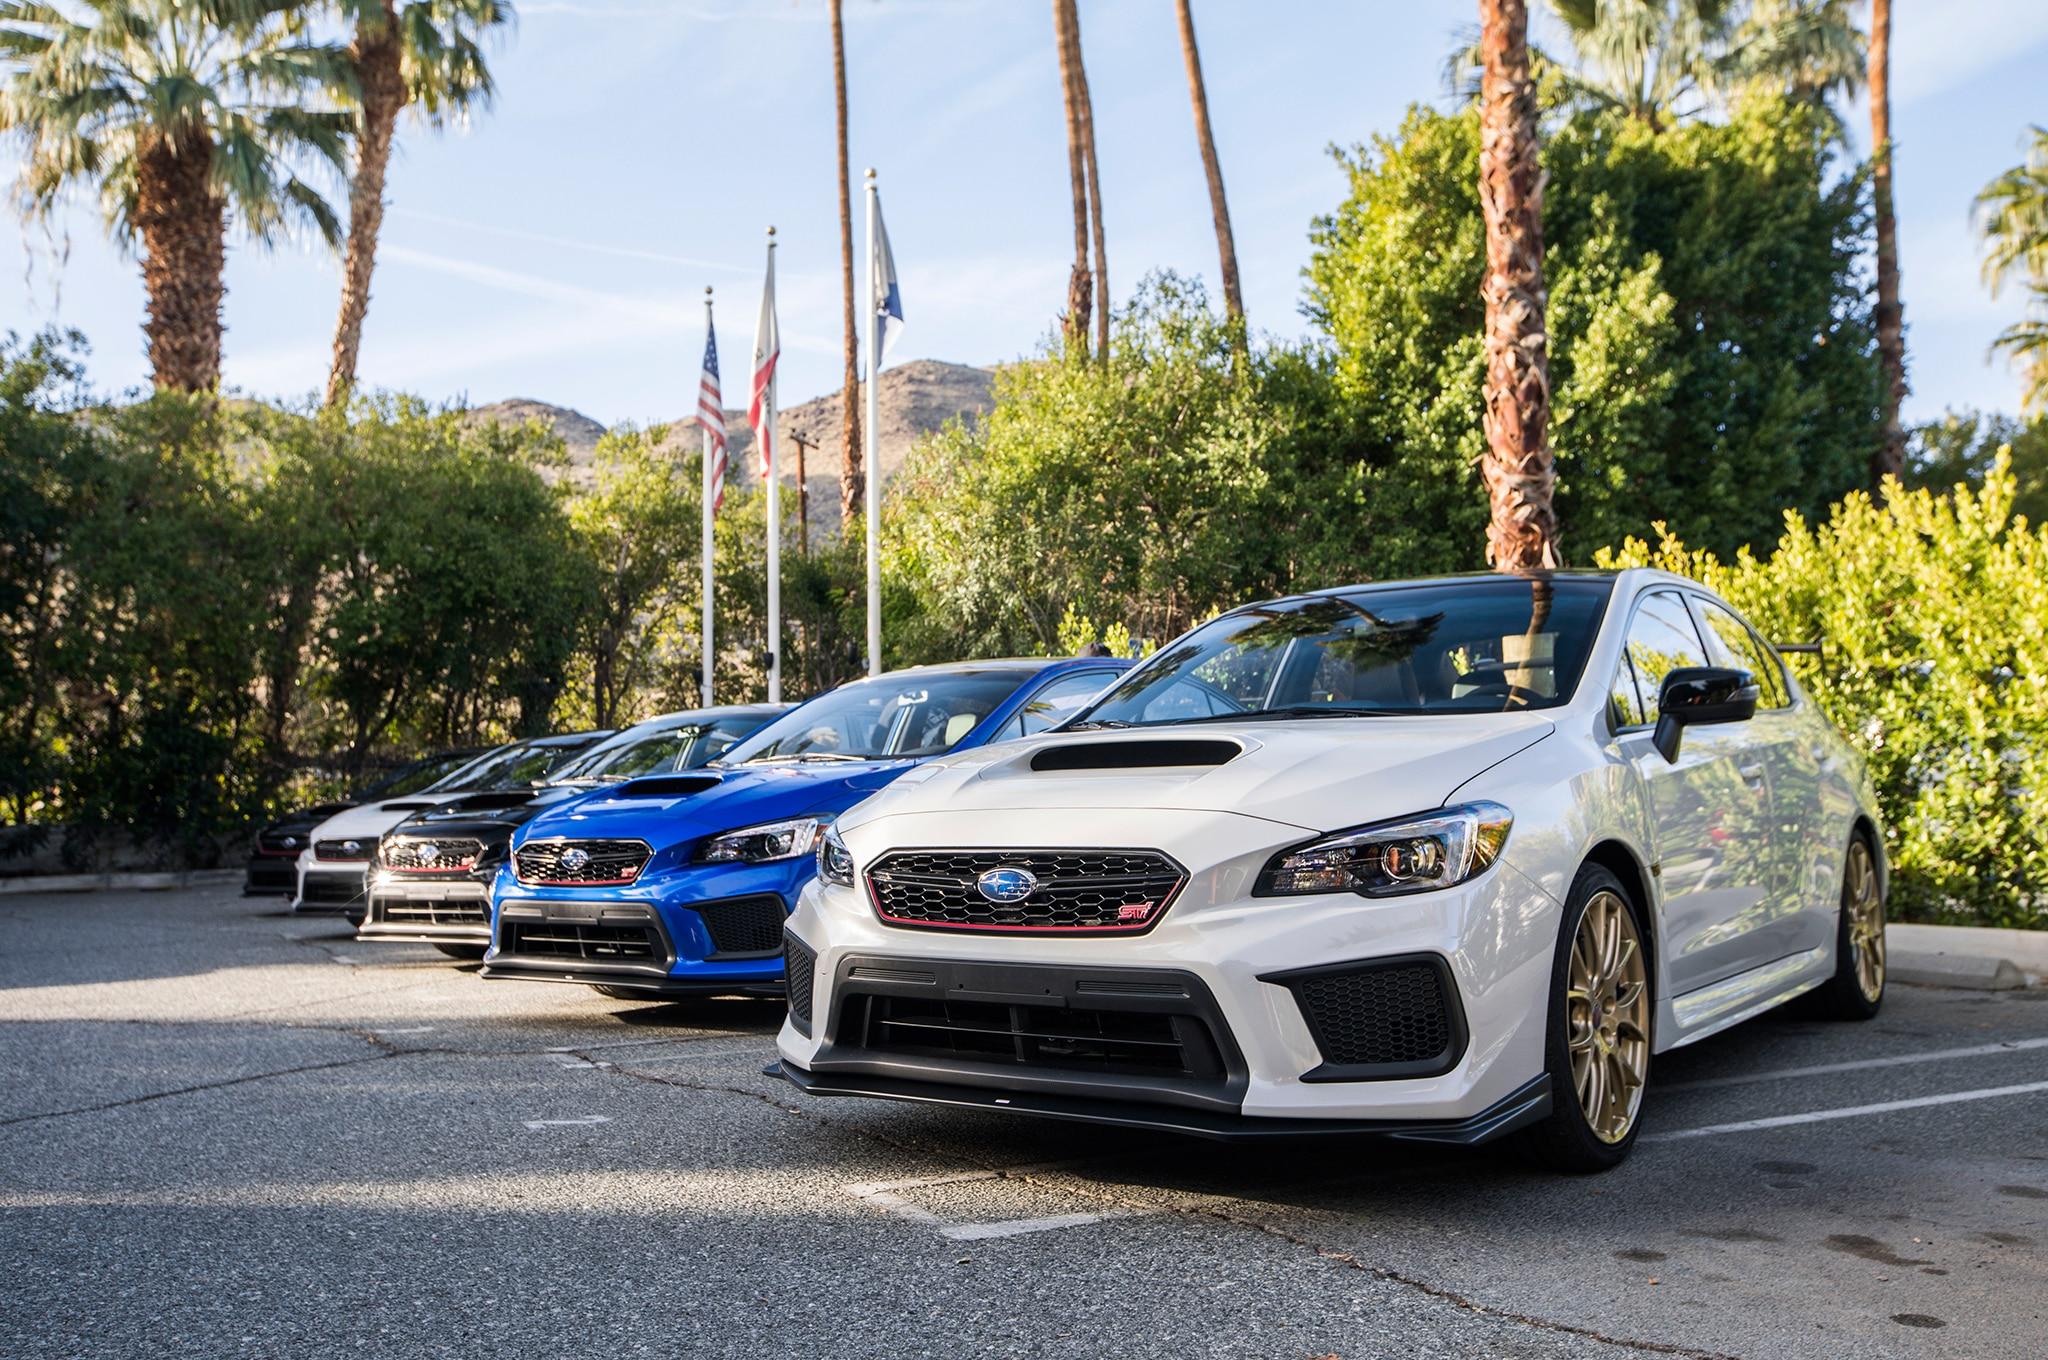 Subaru Wrx Sti 0 60 2019 2020 Top Upcoming Cars